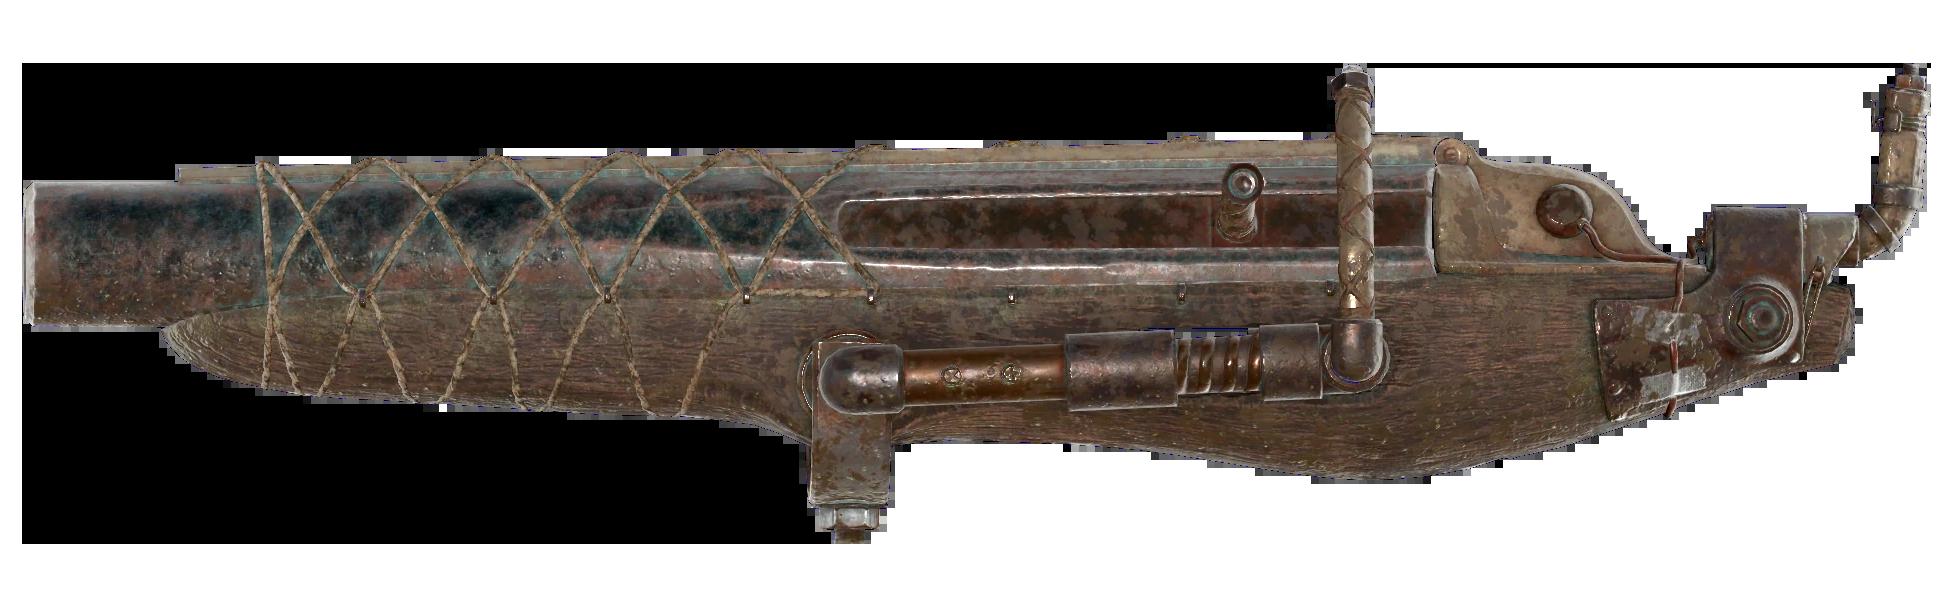 Harpoon gun (Fallout 76)